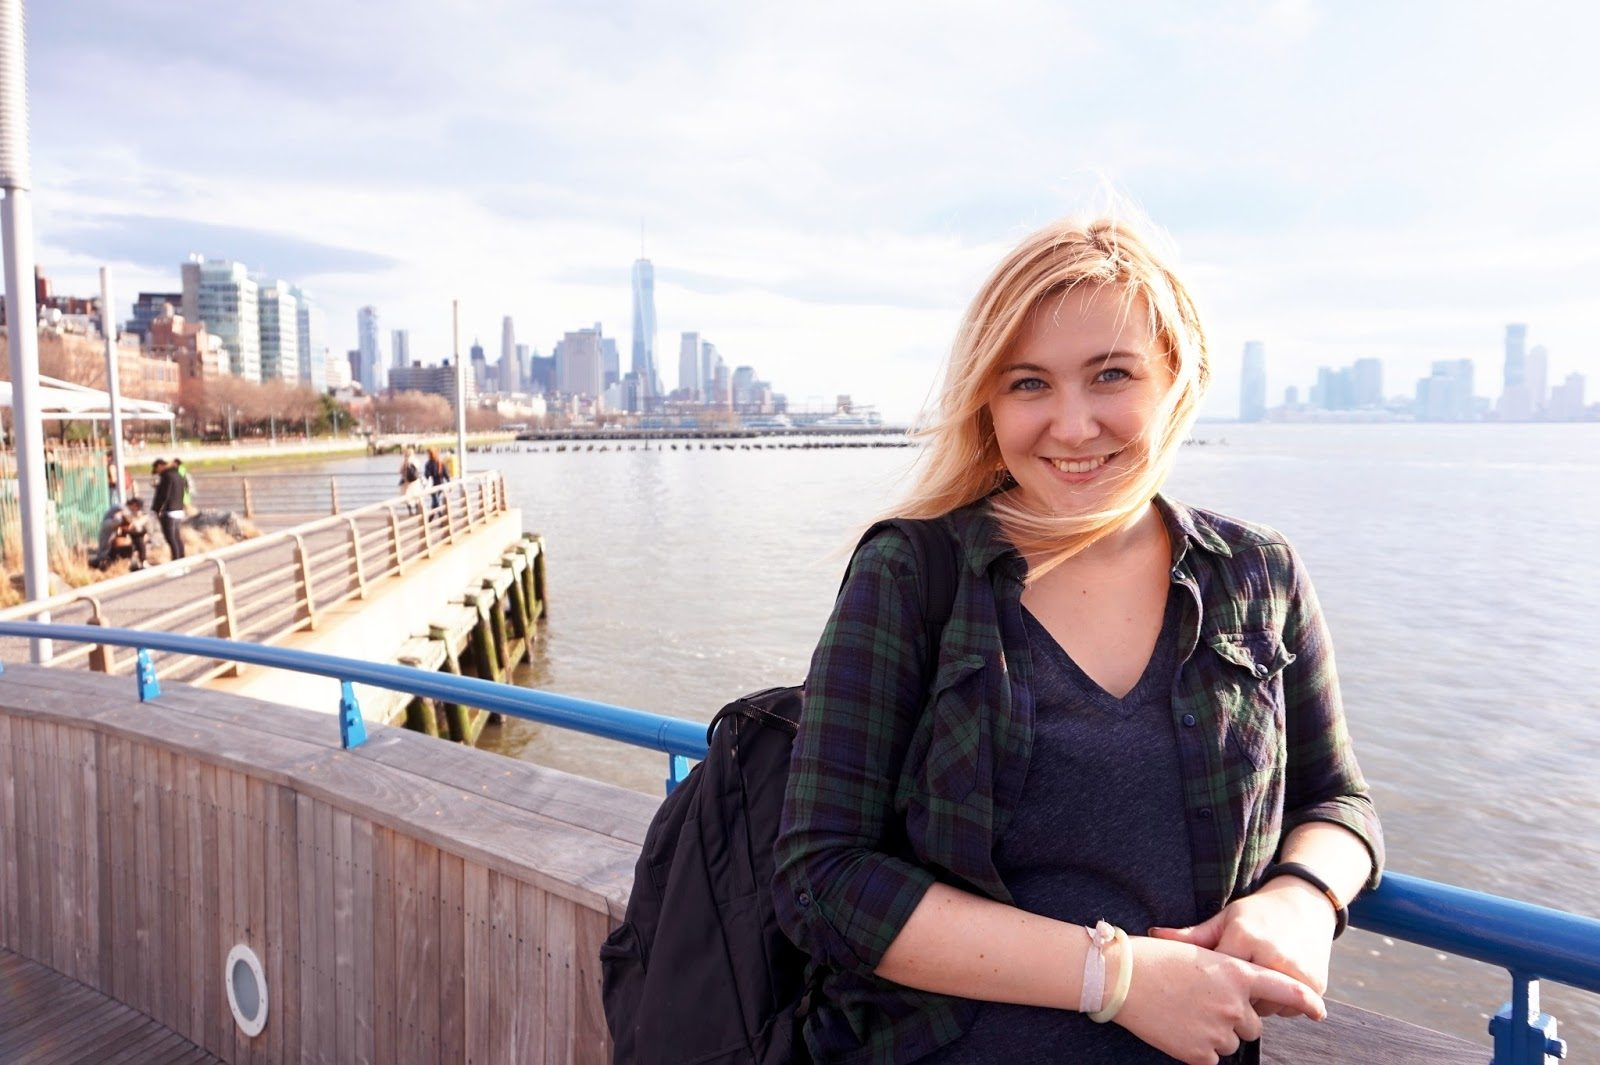 Dansk personlig rejseblog for unge kvinder